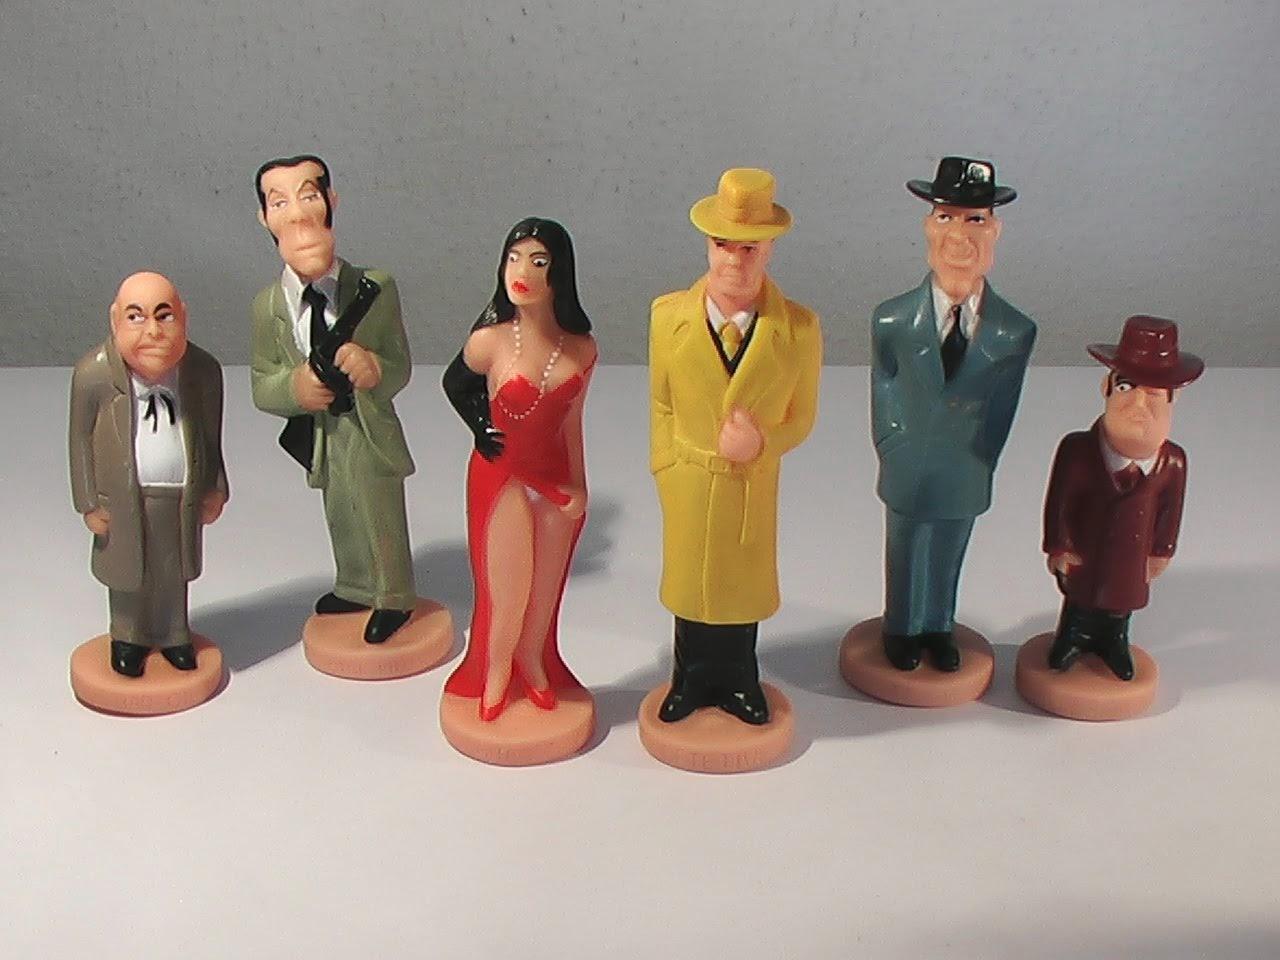 Bonequinhos dos personagens Bardahl